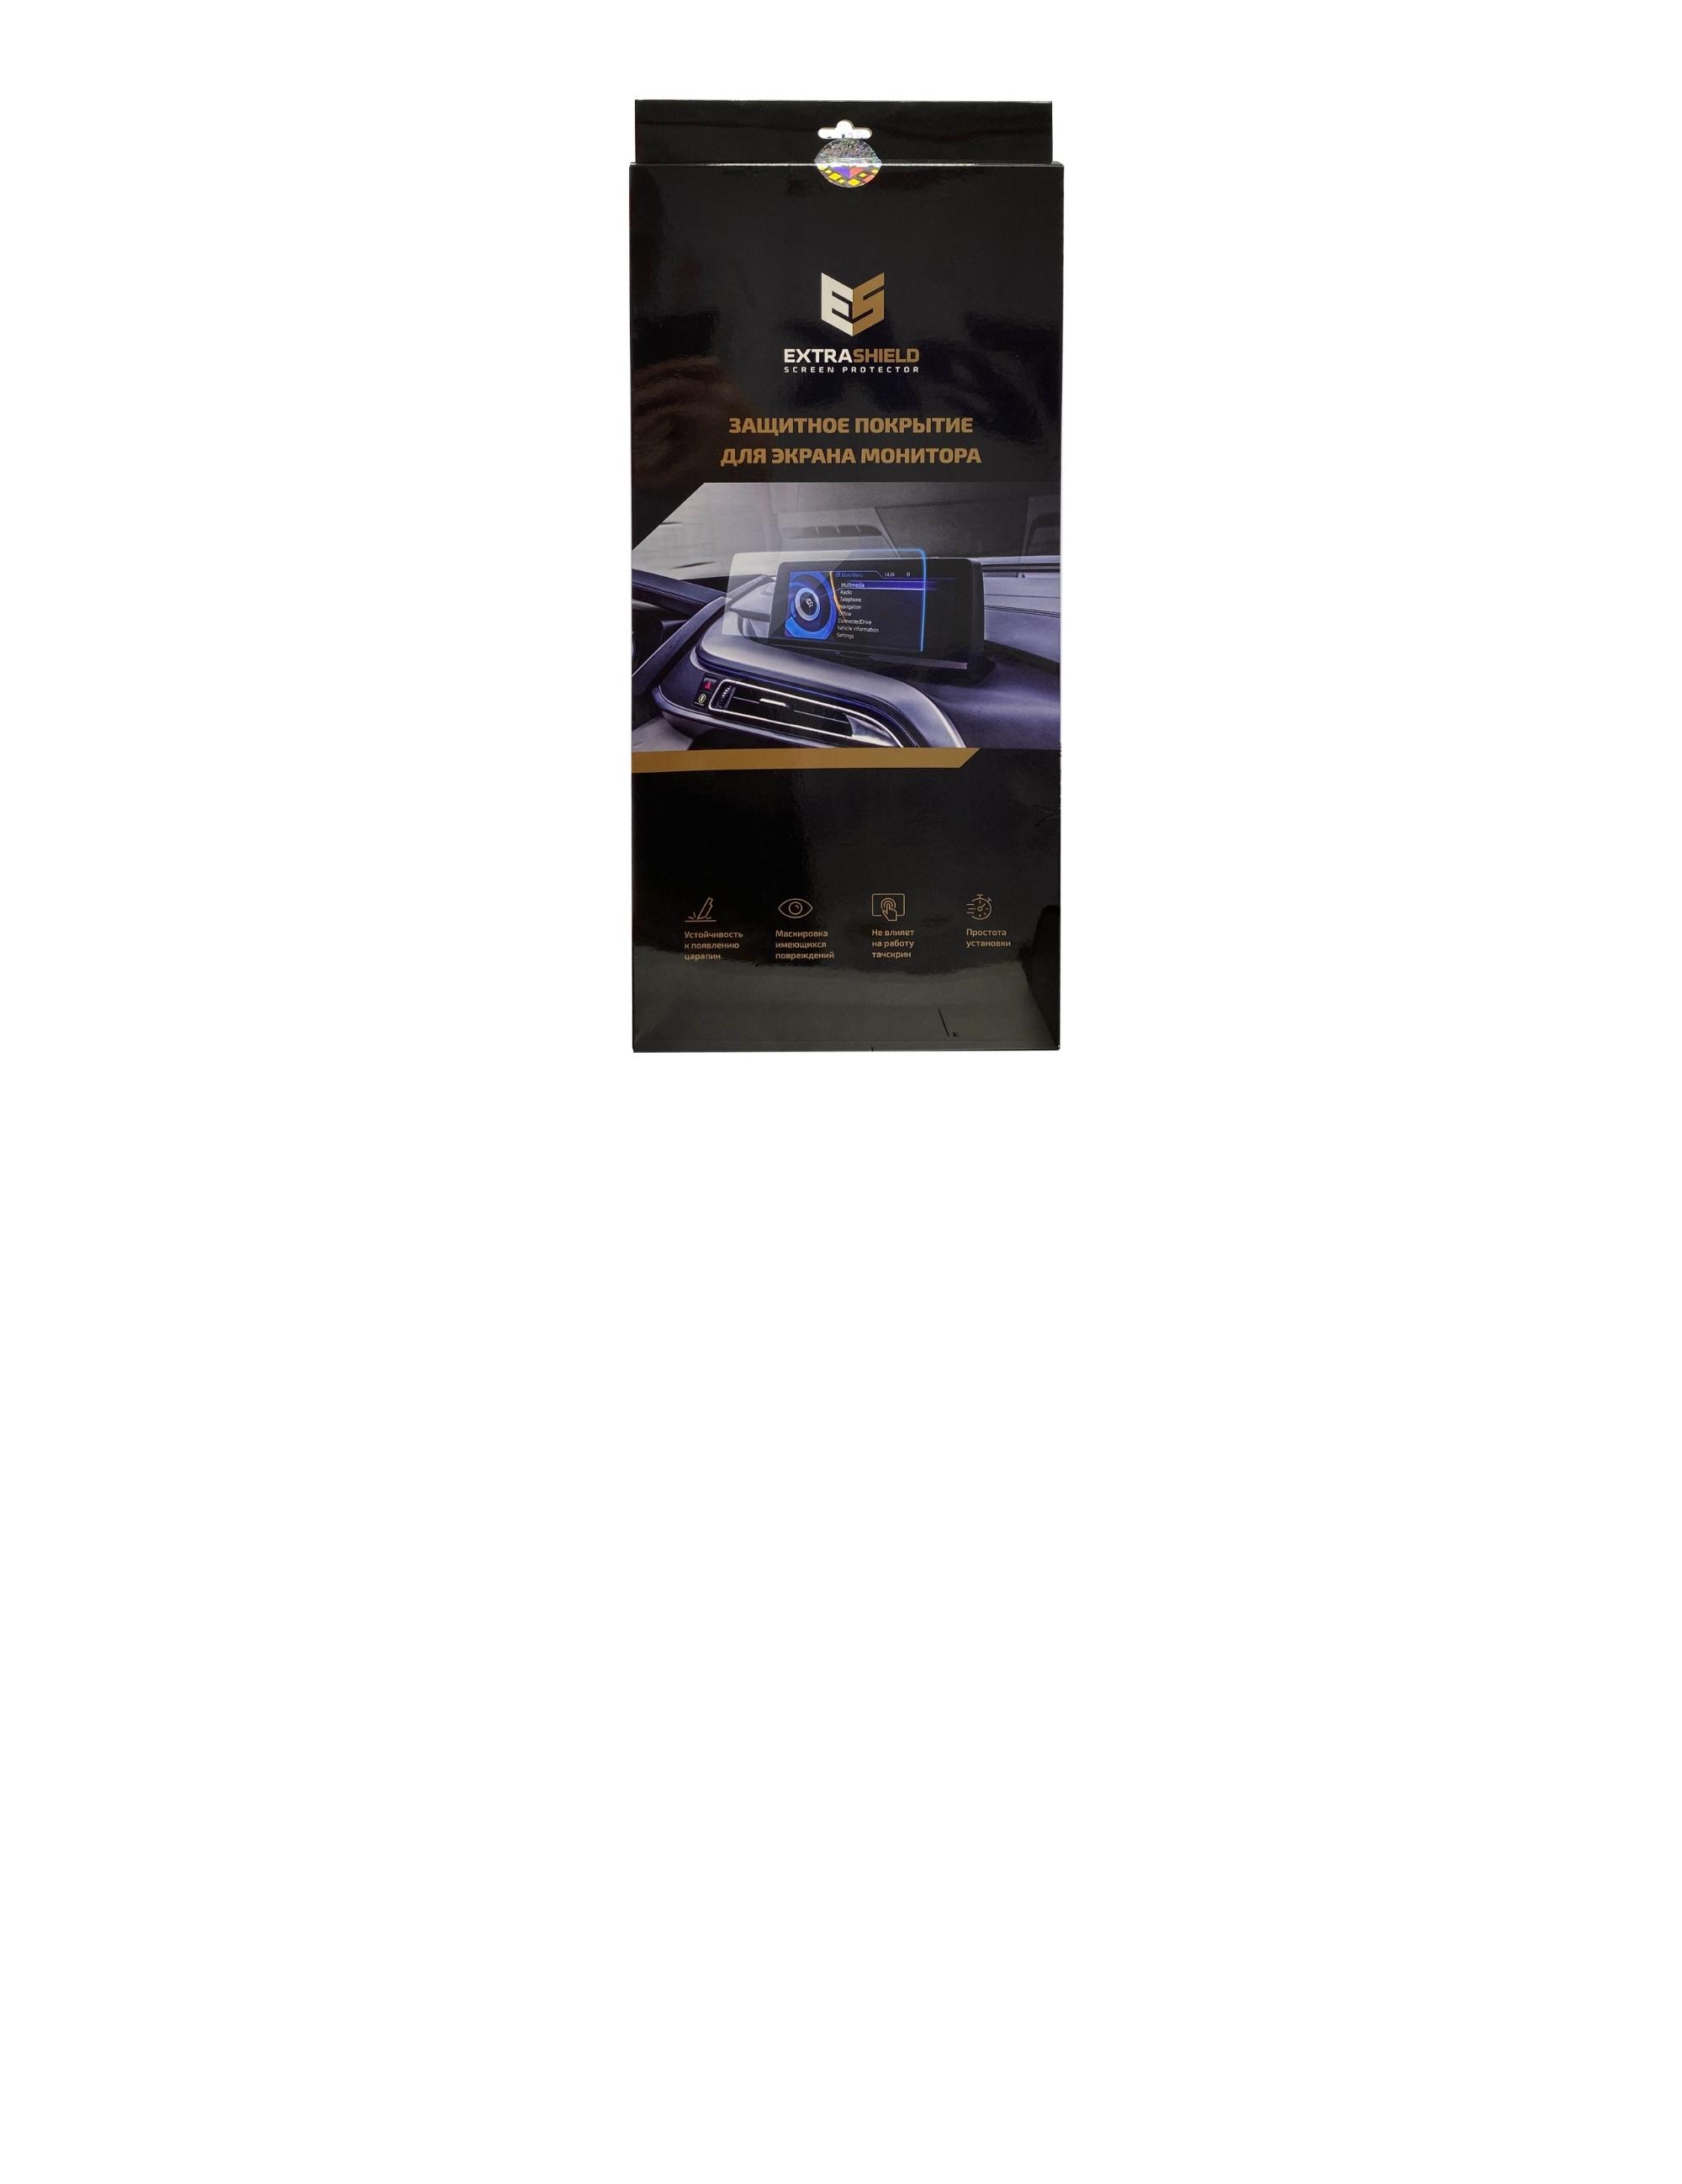 BMW X6 (G06) 2019 - н.в. приборная панель (без датчика) 12.3 Защитное стекло Матовая